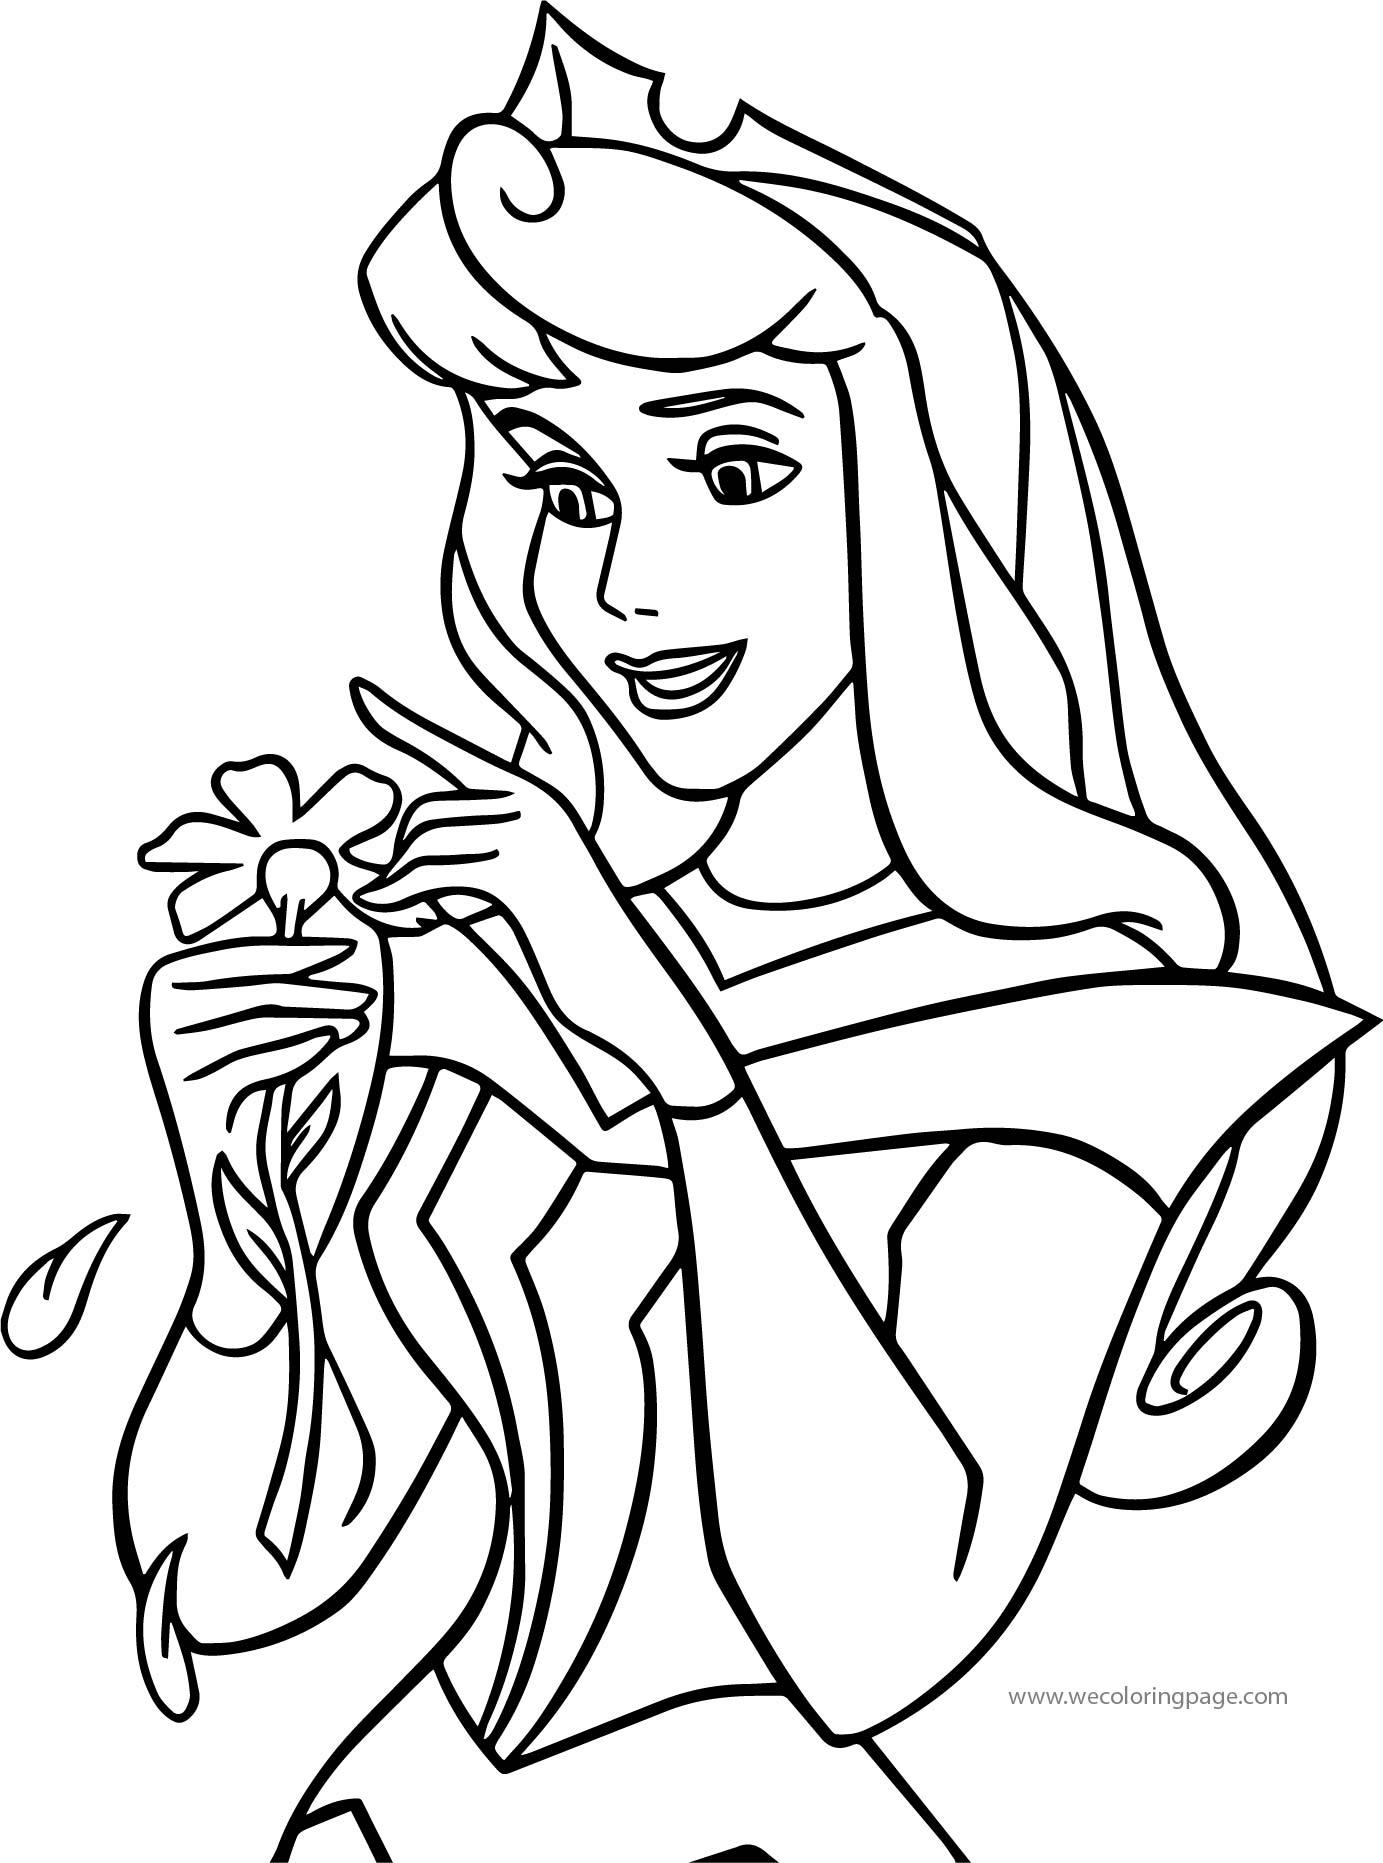 Disney Princess Sleeping Beauty At Disney Daisy Coloring Pages